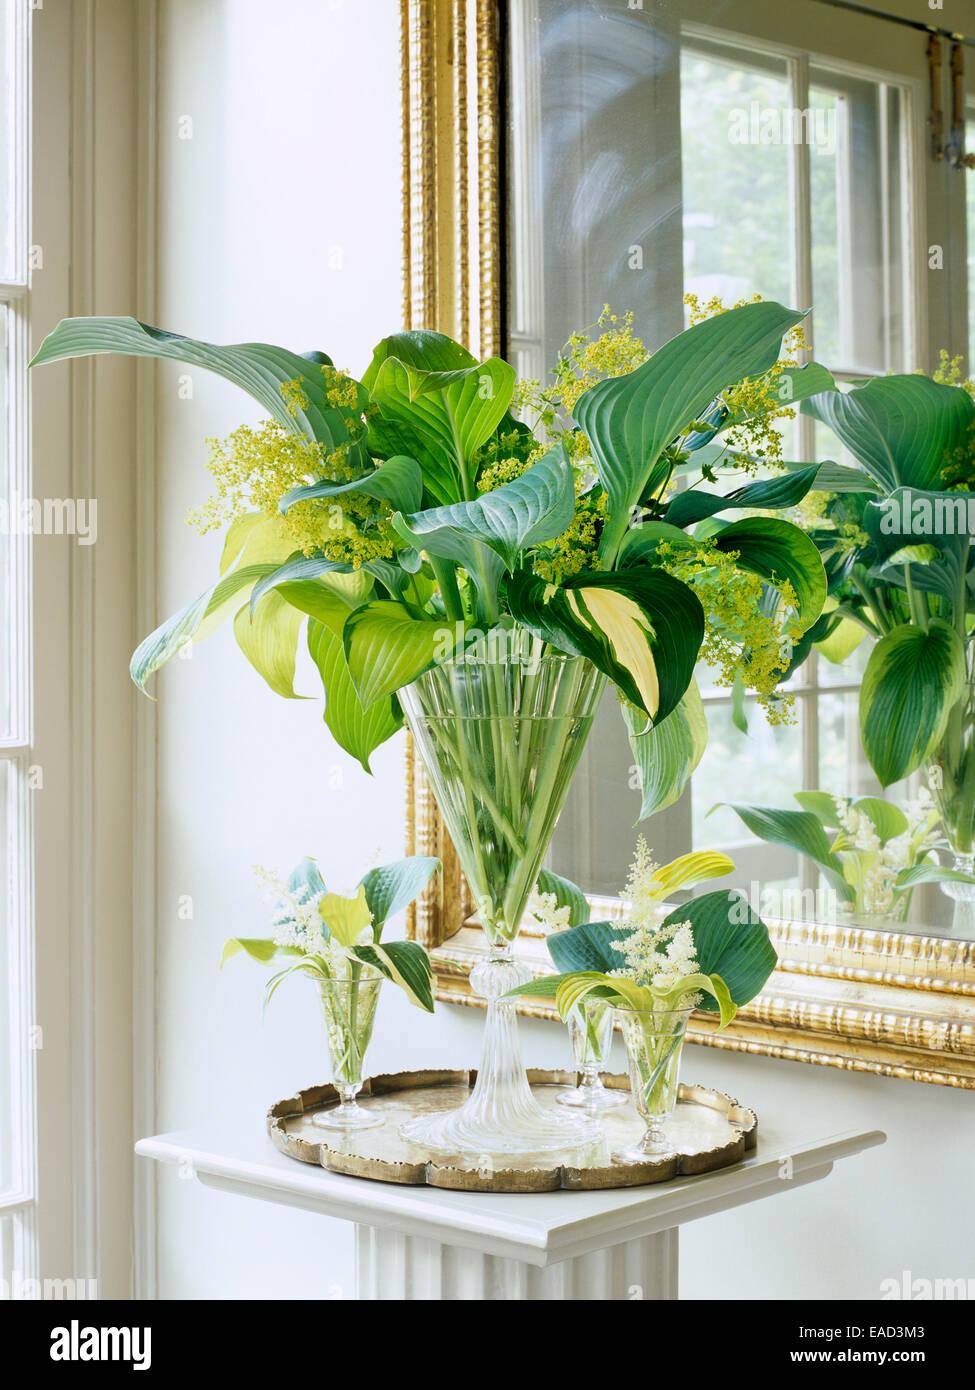 Vase avec boquet fabriqués à partir de feuilles d'Hosta Photo Stock